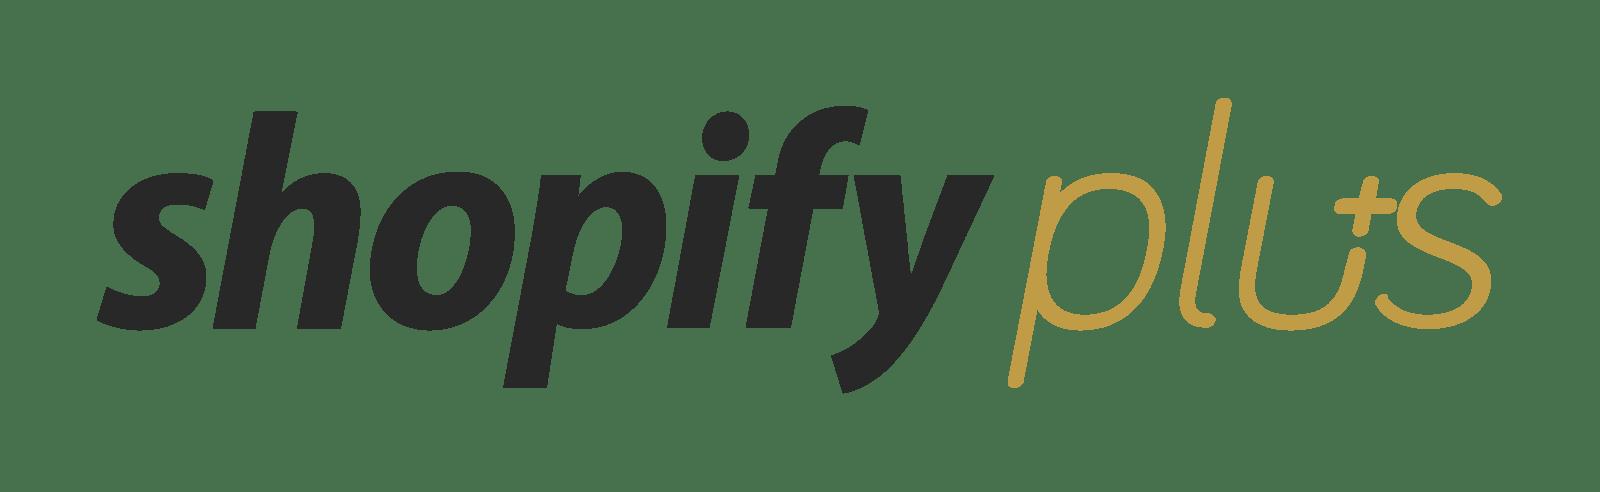 Shopify Plus icon